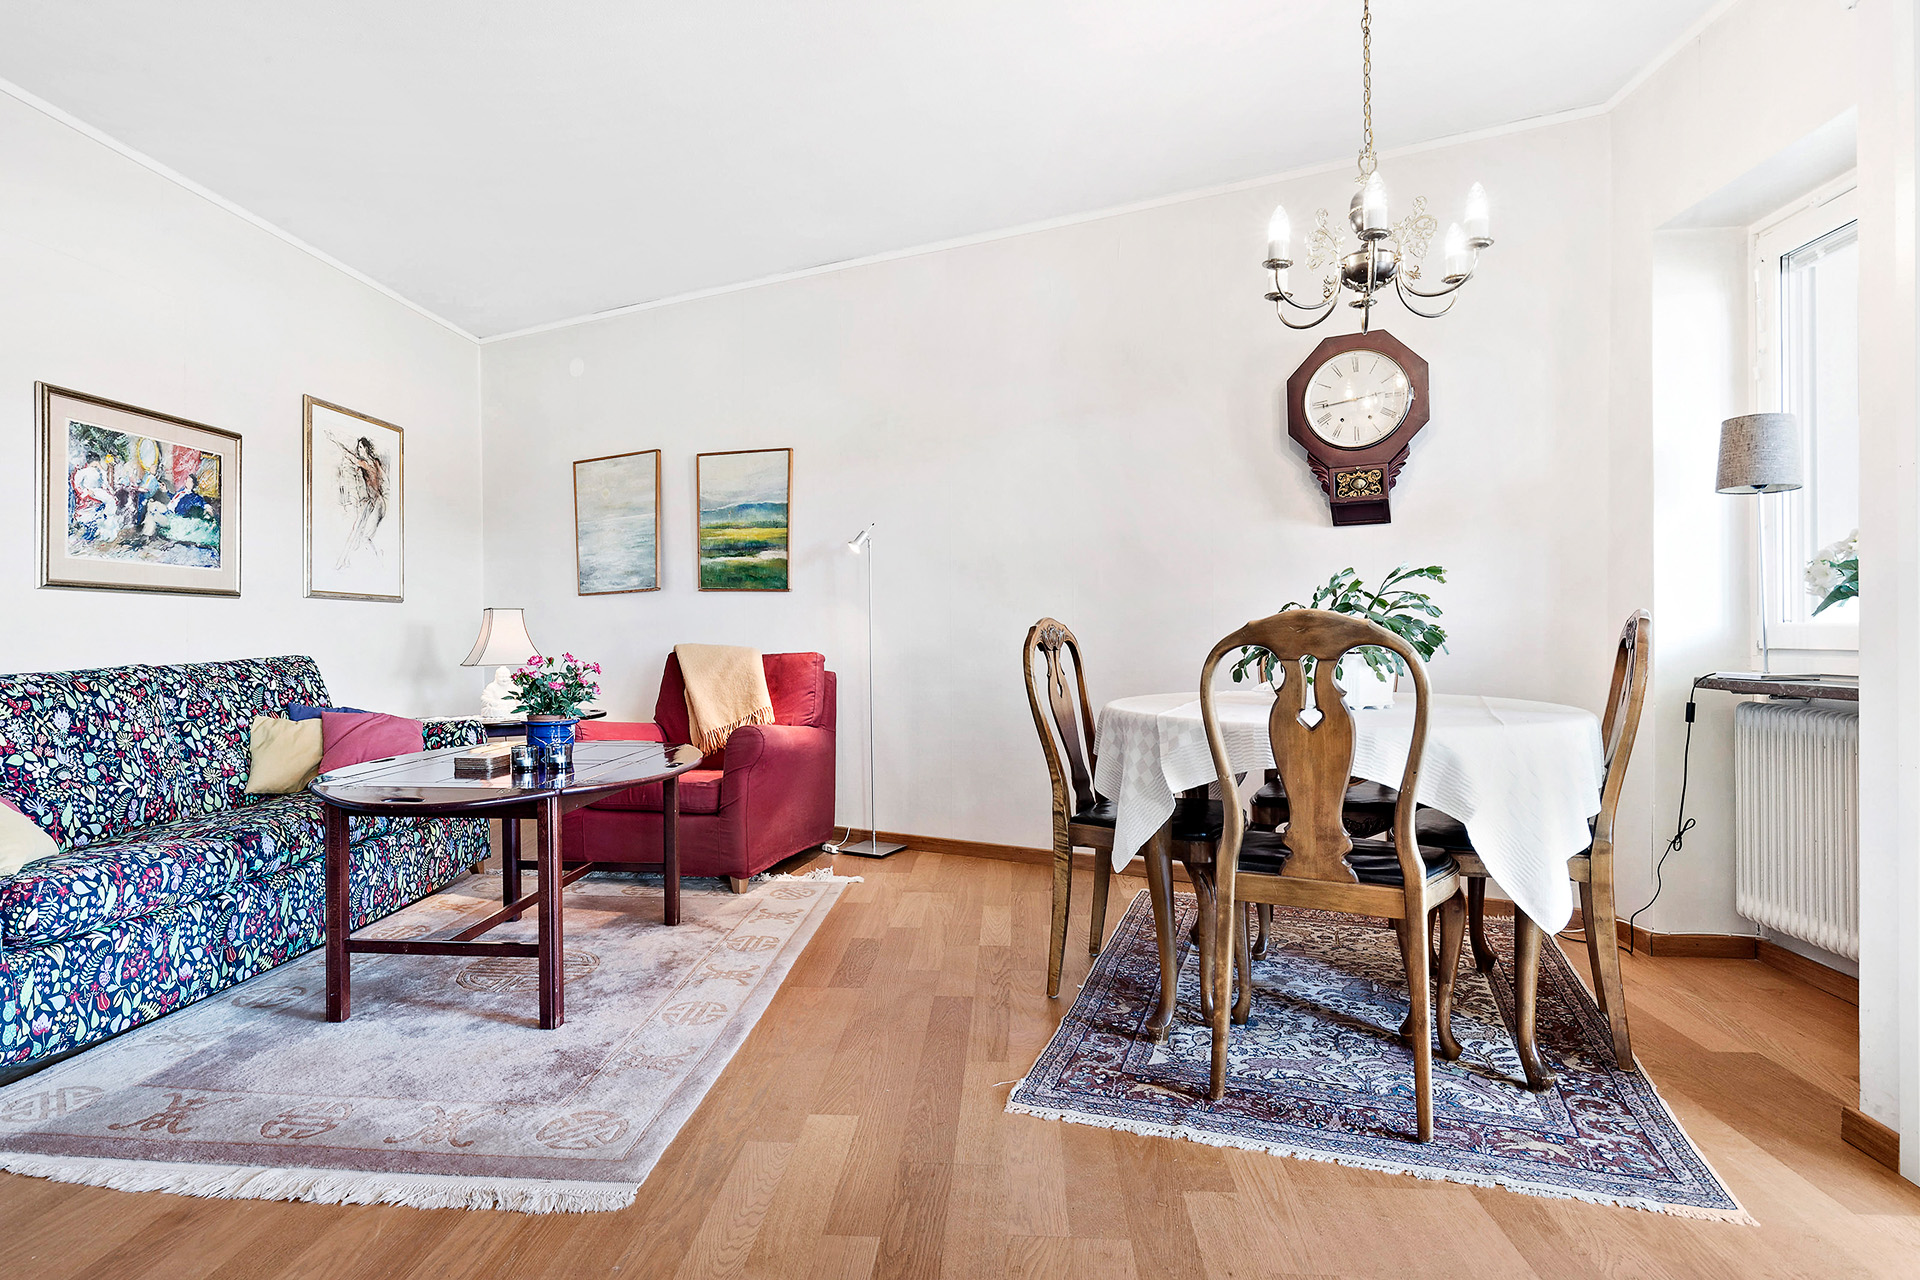 Vardagsrum med plats för matbord